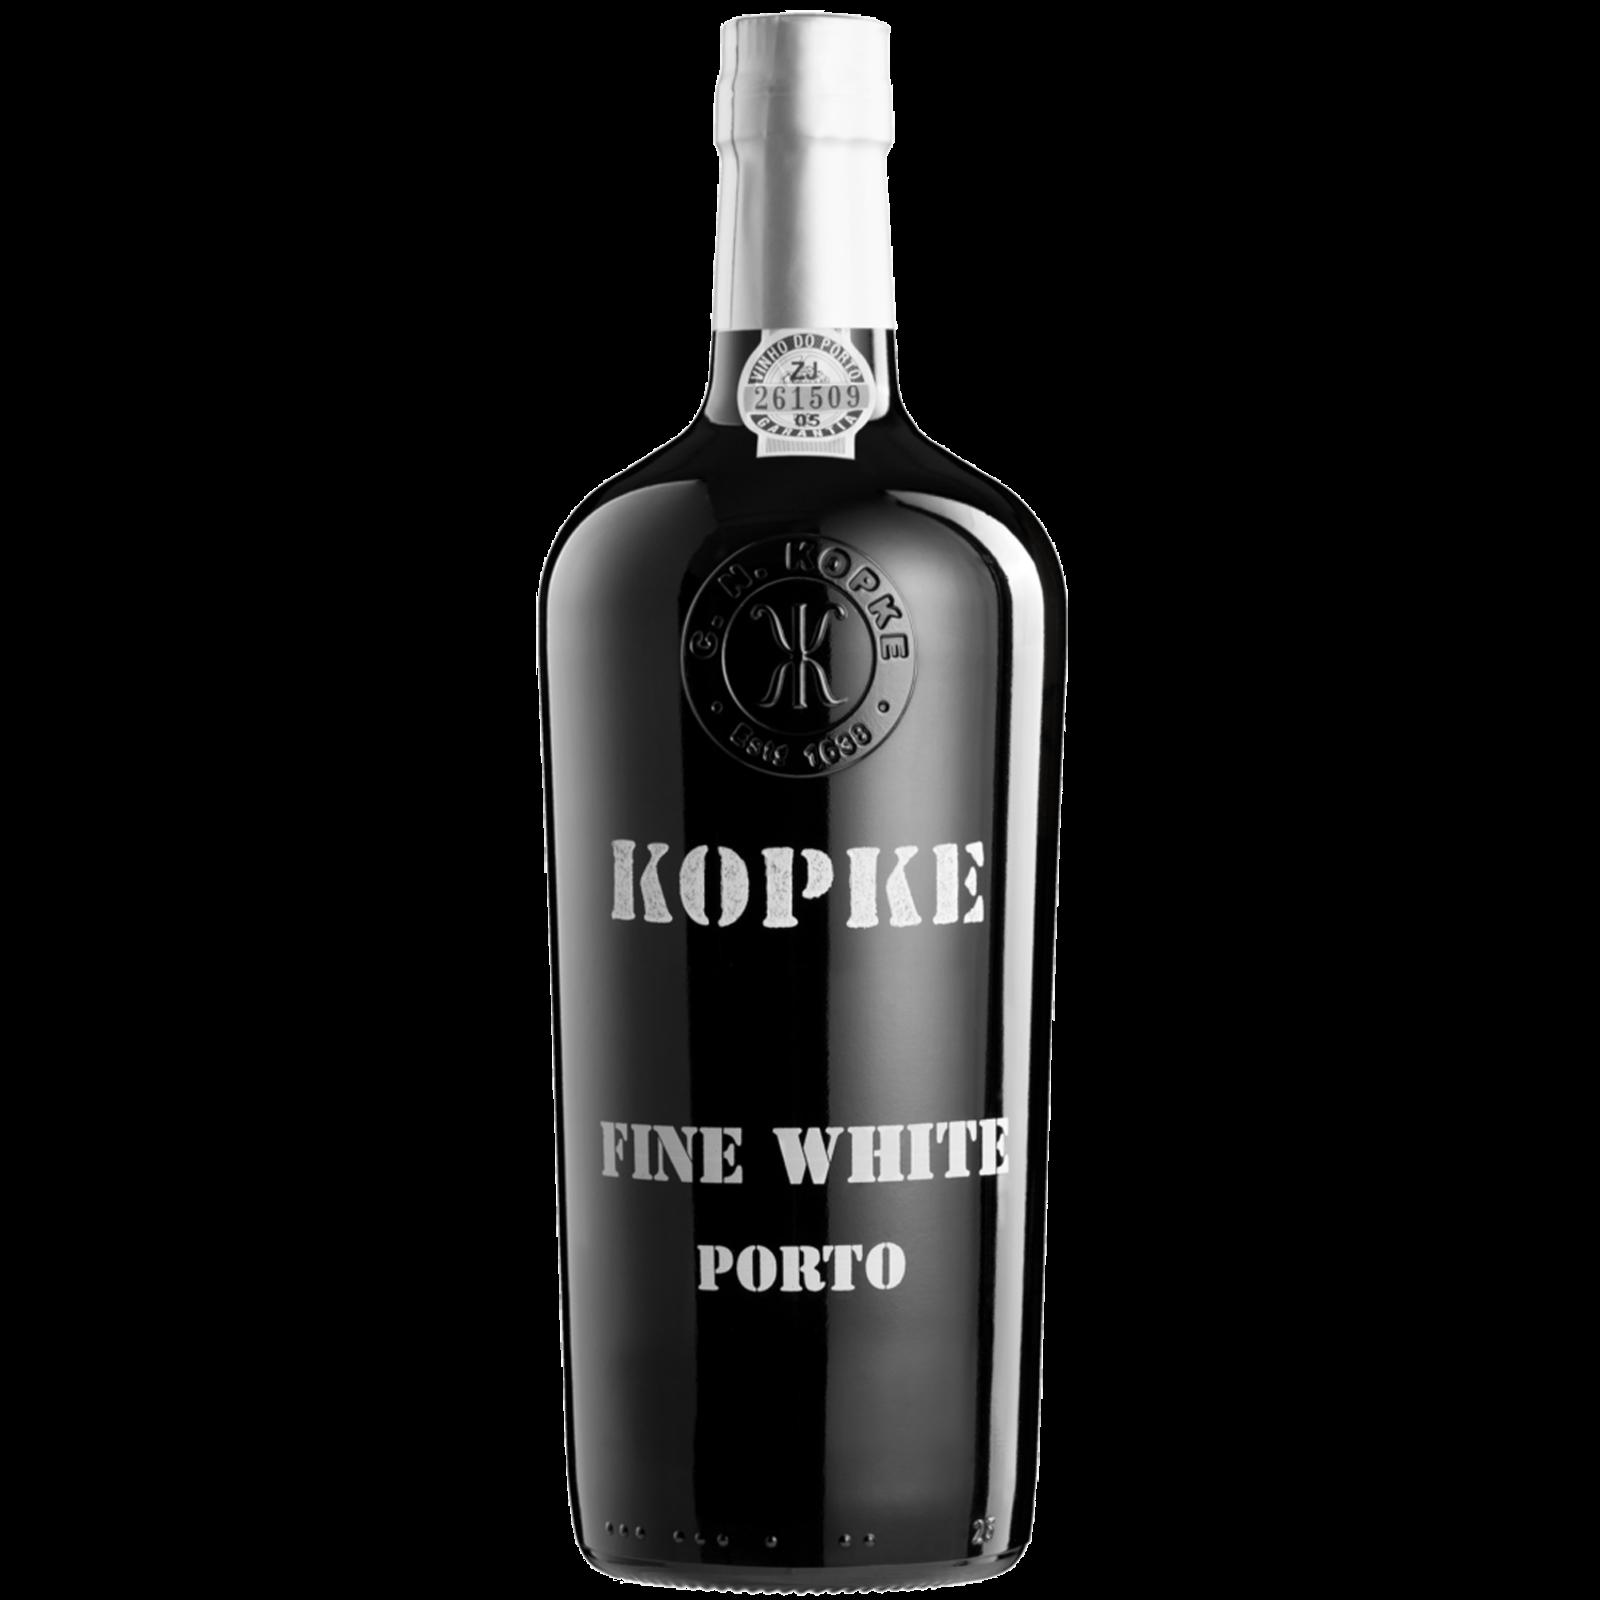 Kopke Kopke Fine White Port